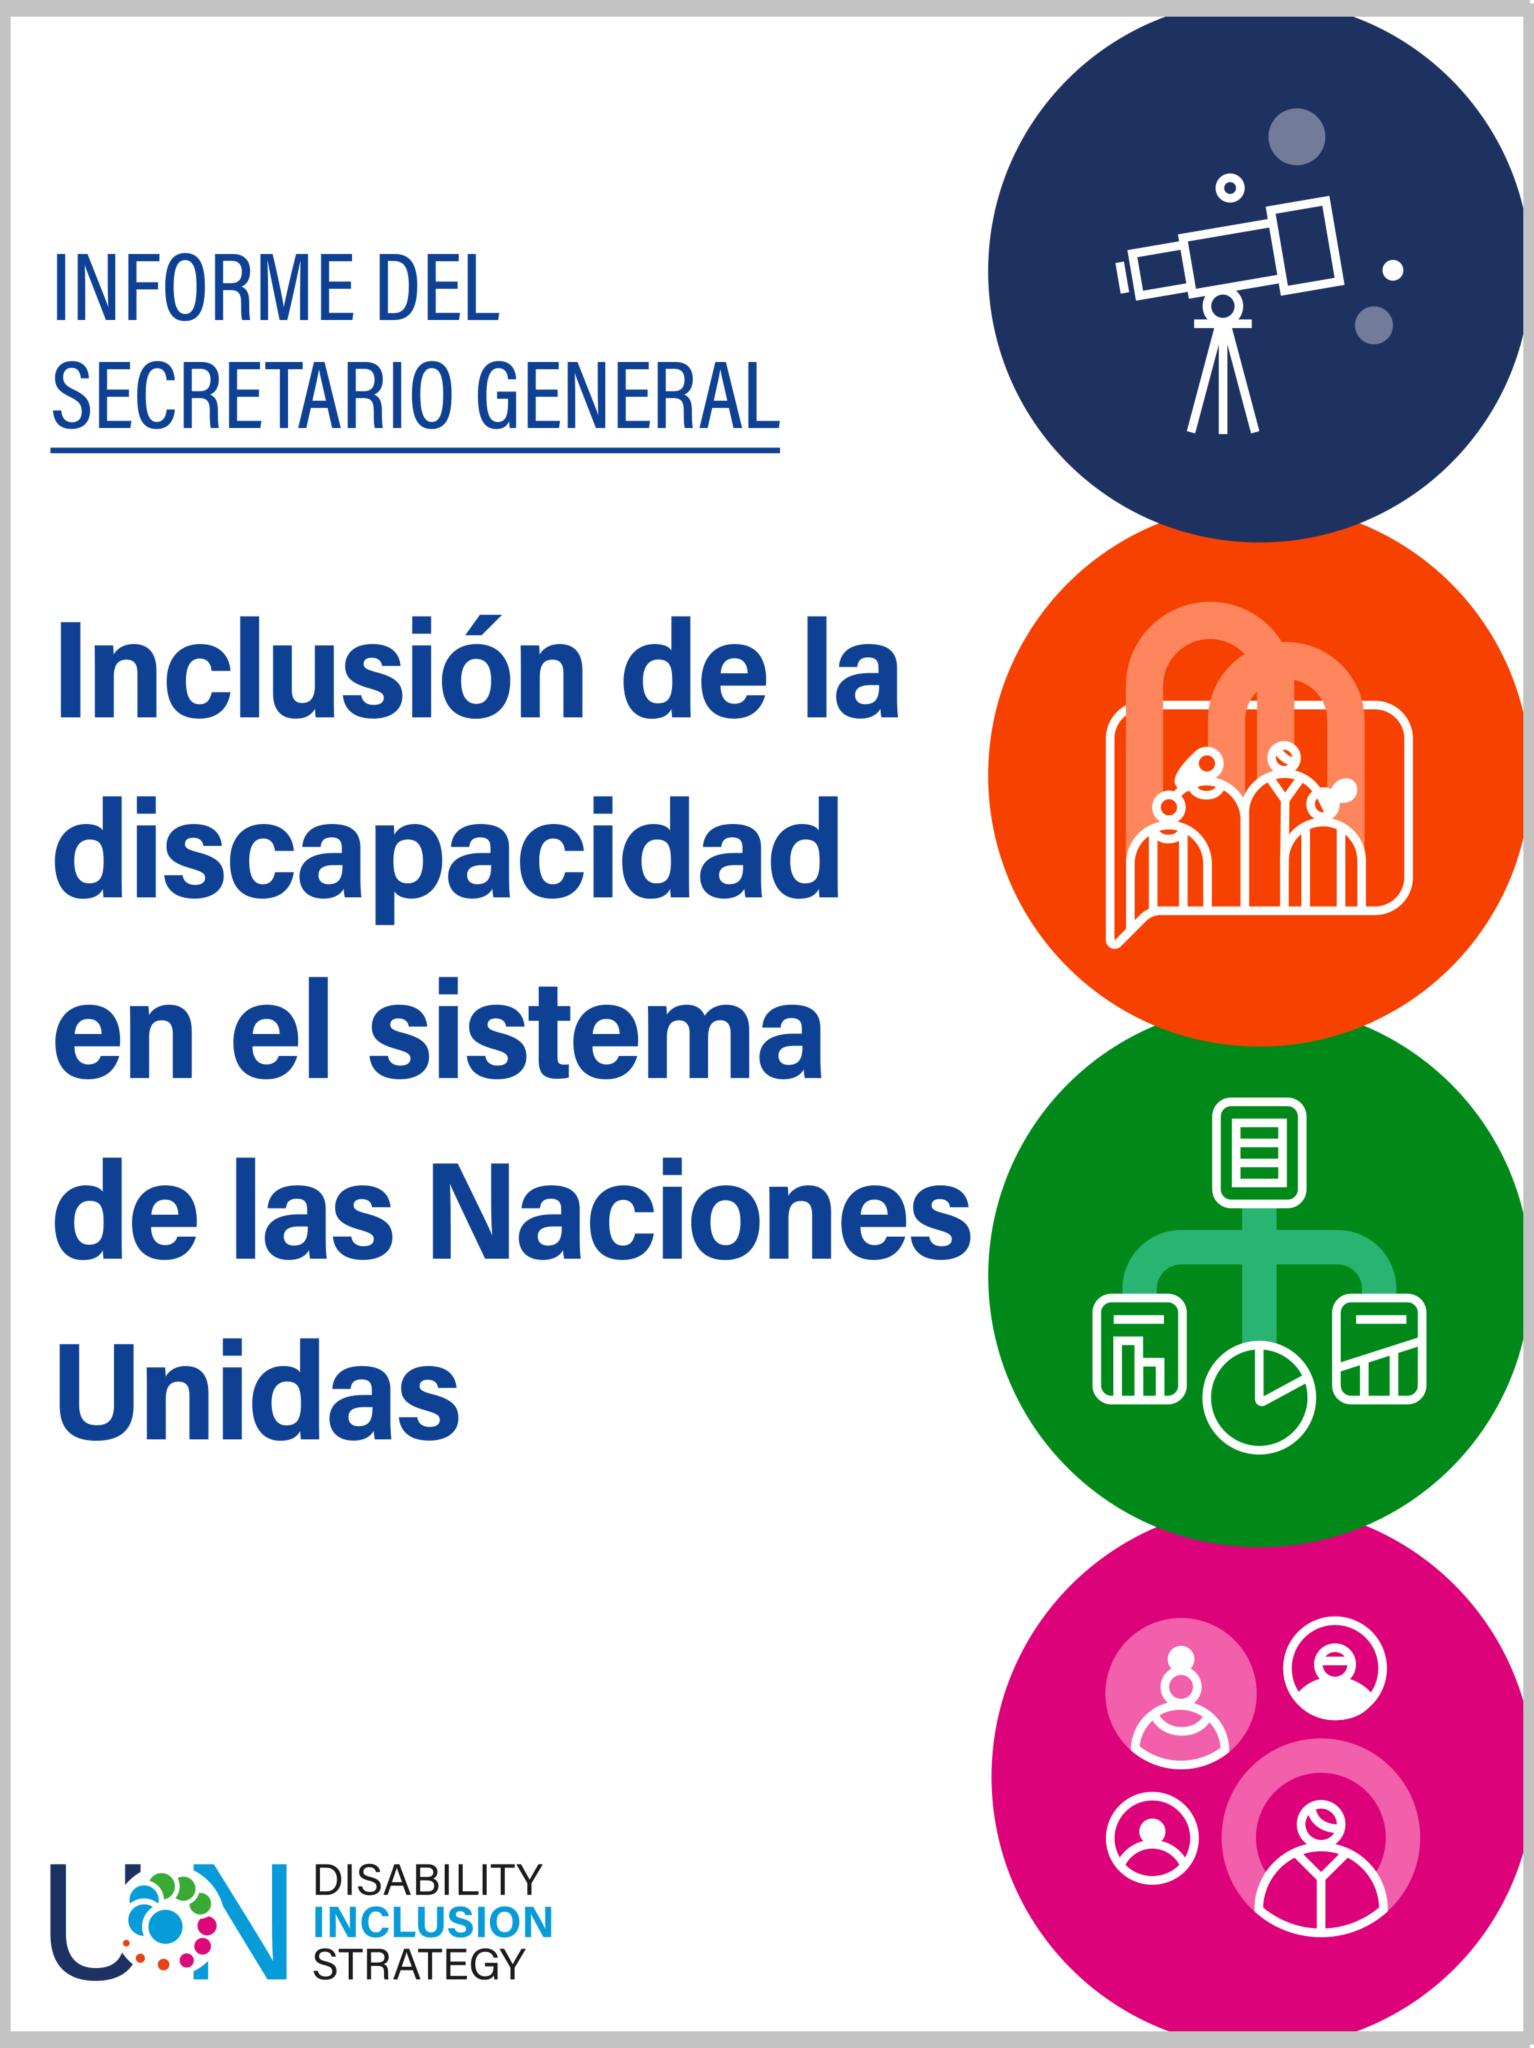 informe del secretario inclusión de la discapacidad en el sistema de las Naciones Unidas